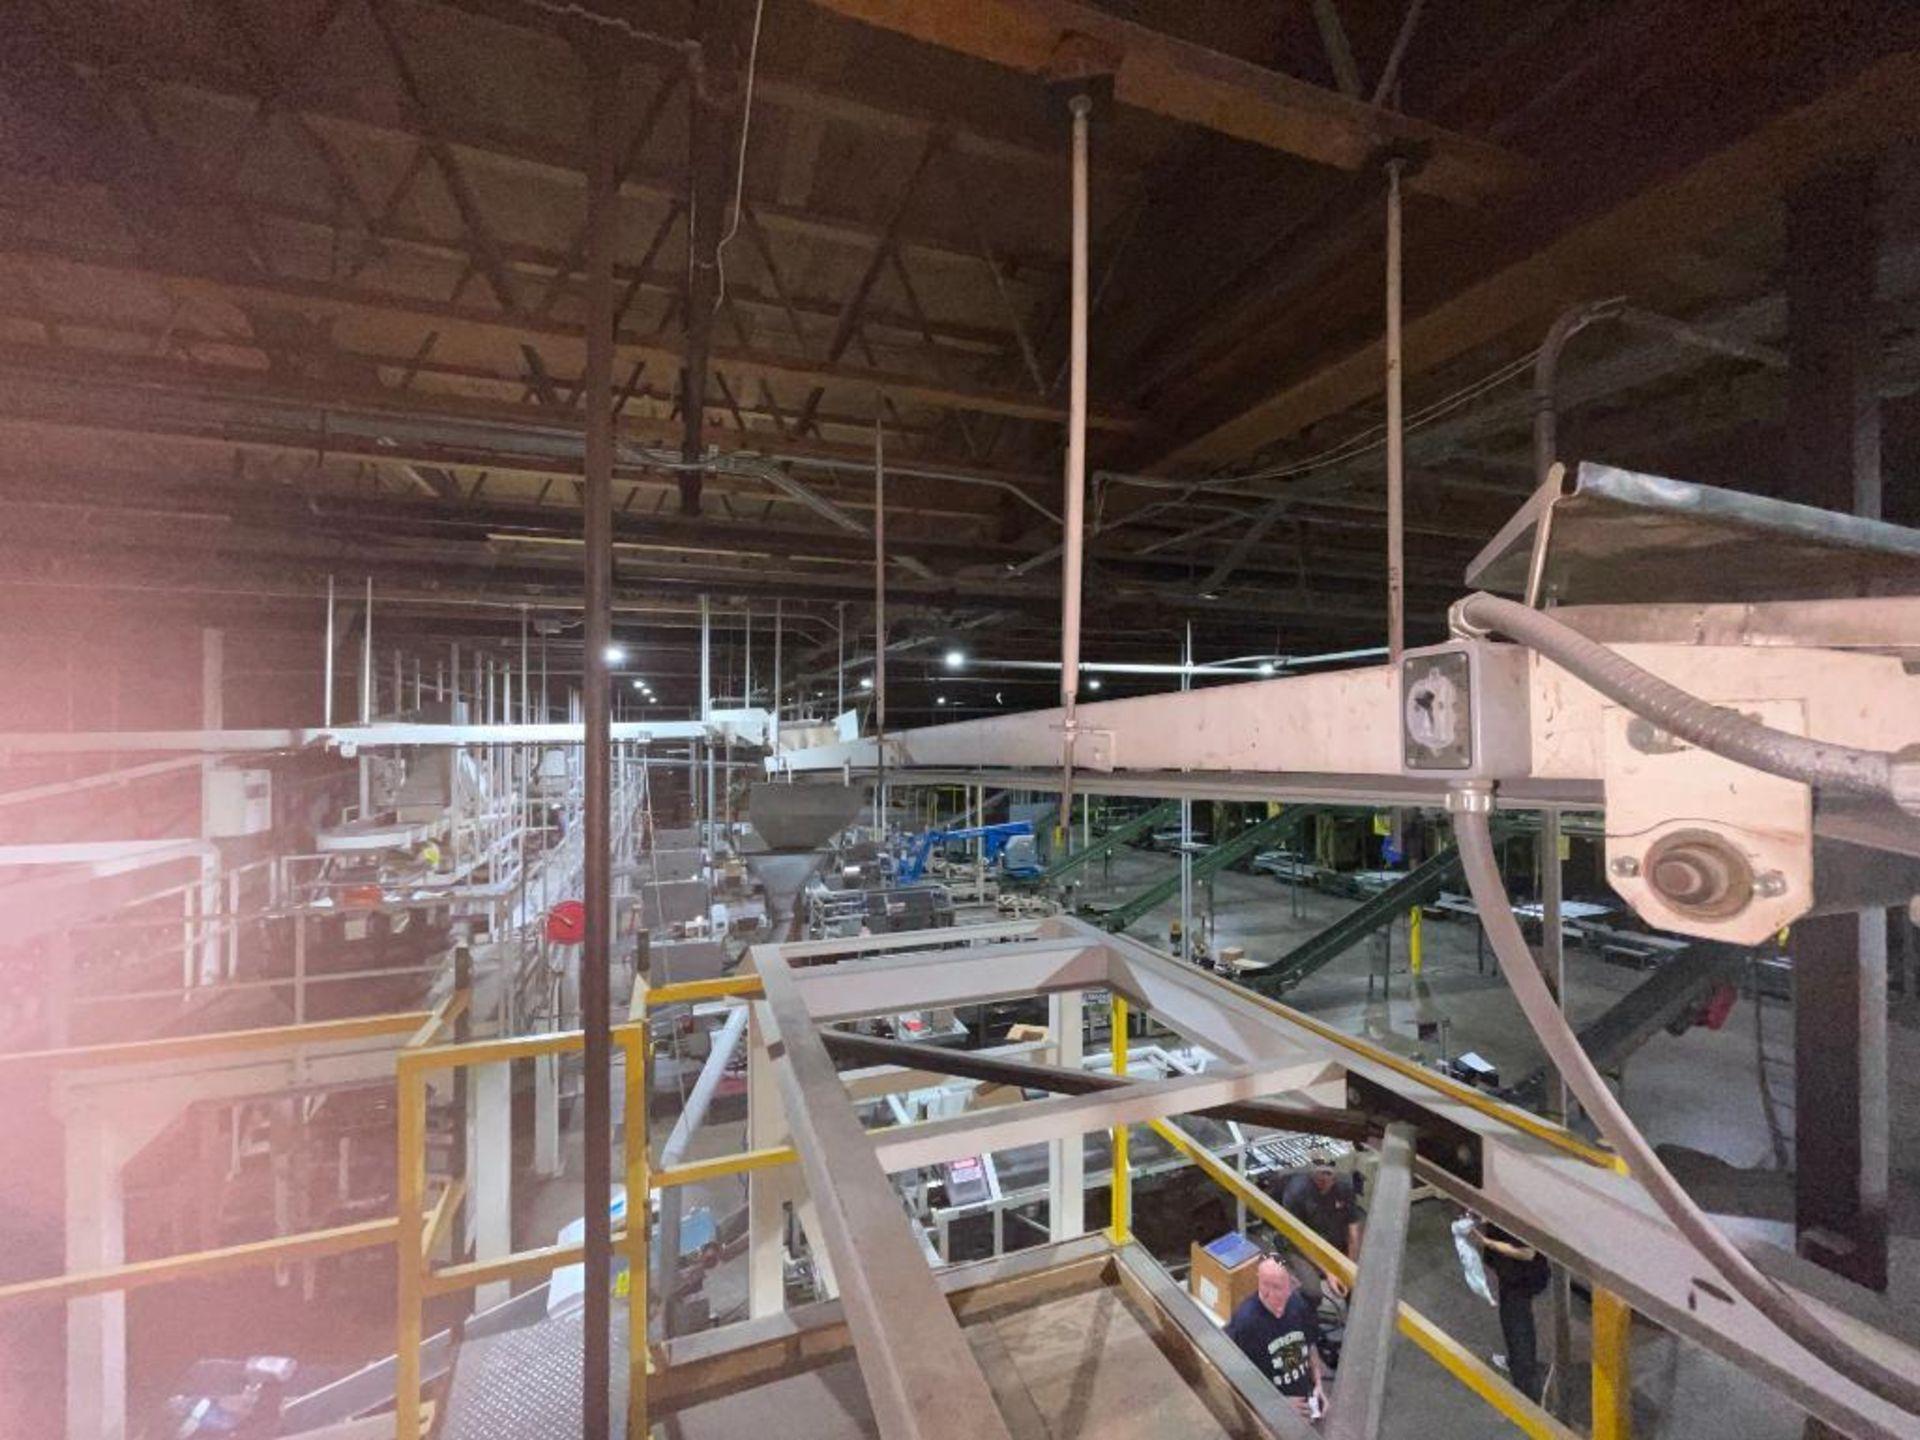 mild steel overhead belt conveyor - Image 5 of 10